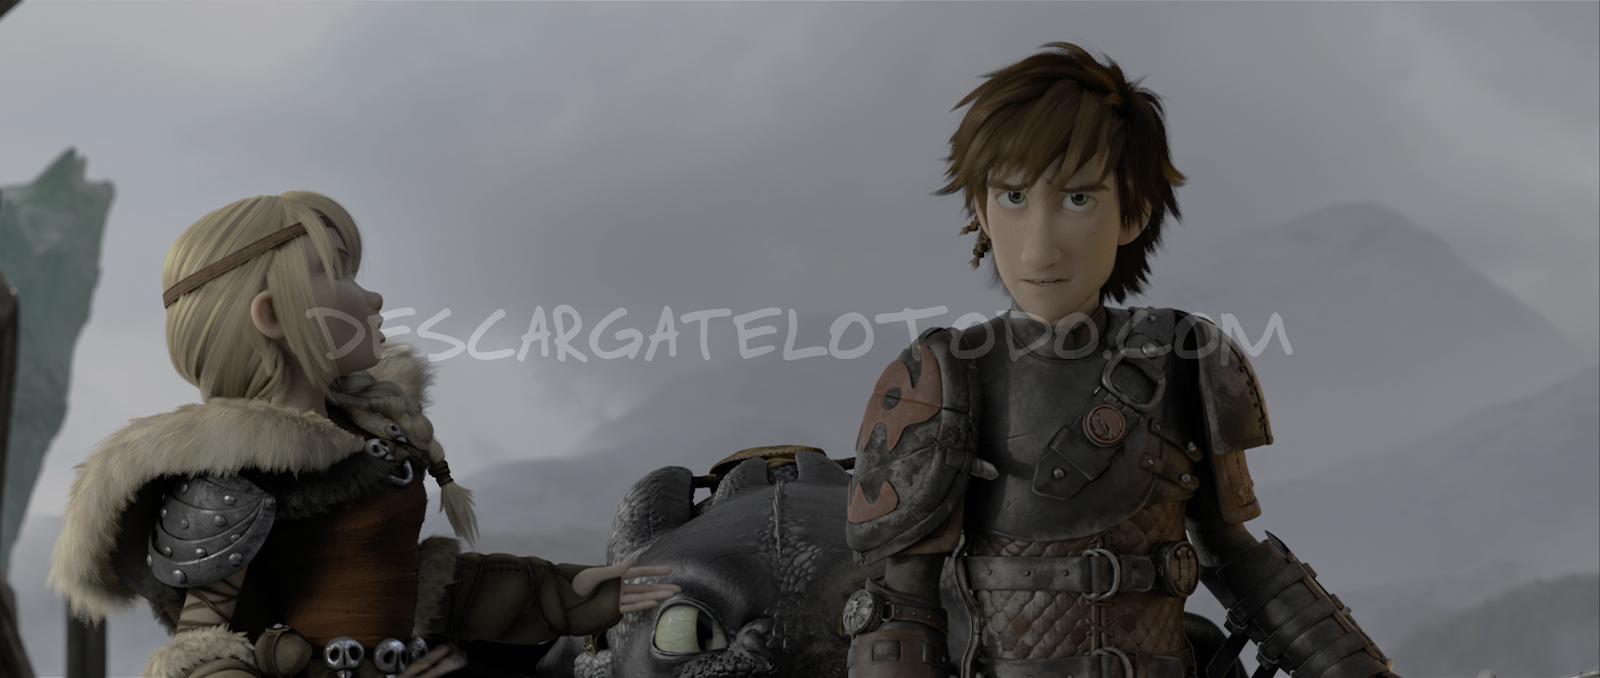 Cómo Entrenar a tu Dragón 2 (2014) 4K UHD [HDR] Latino-Castellano-Ingles captura 1